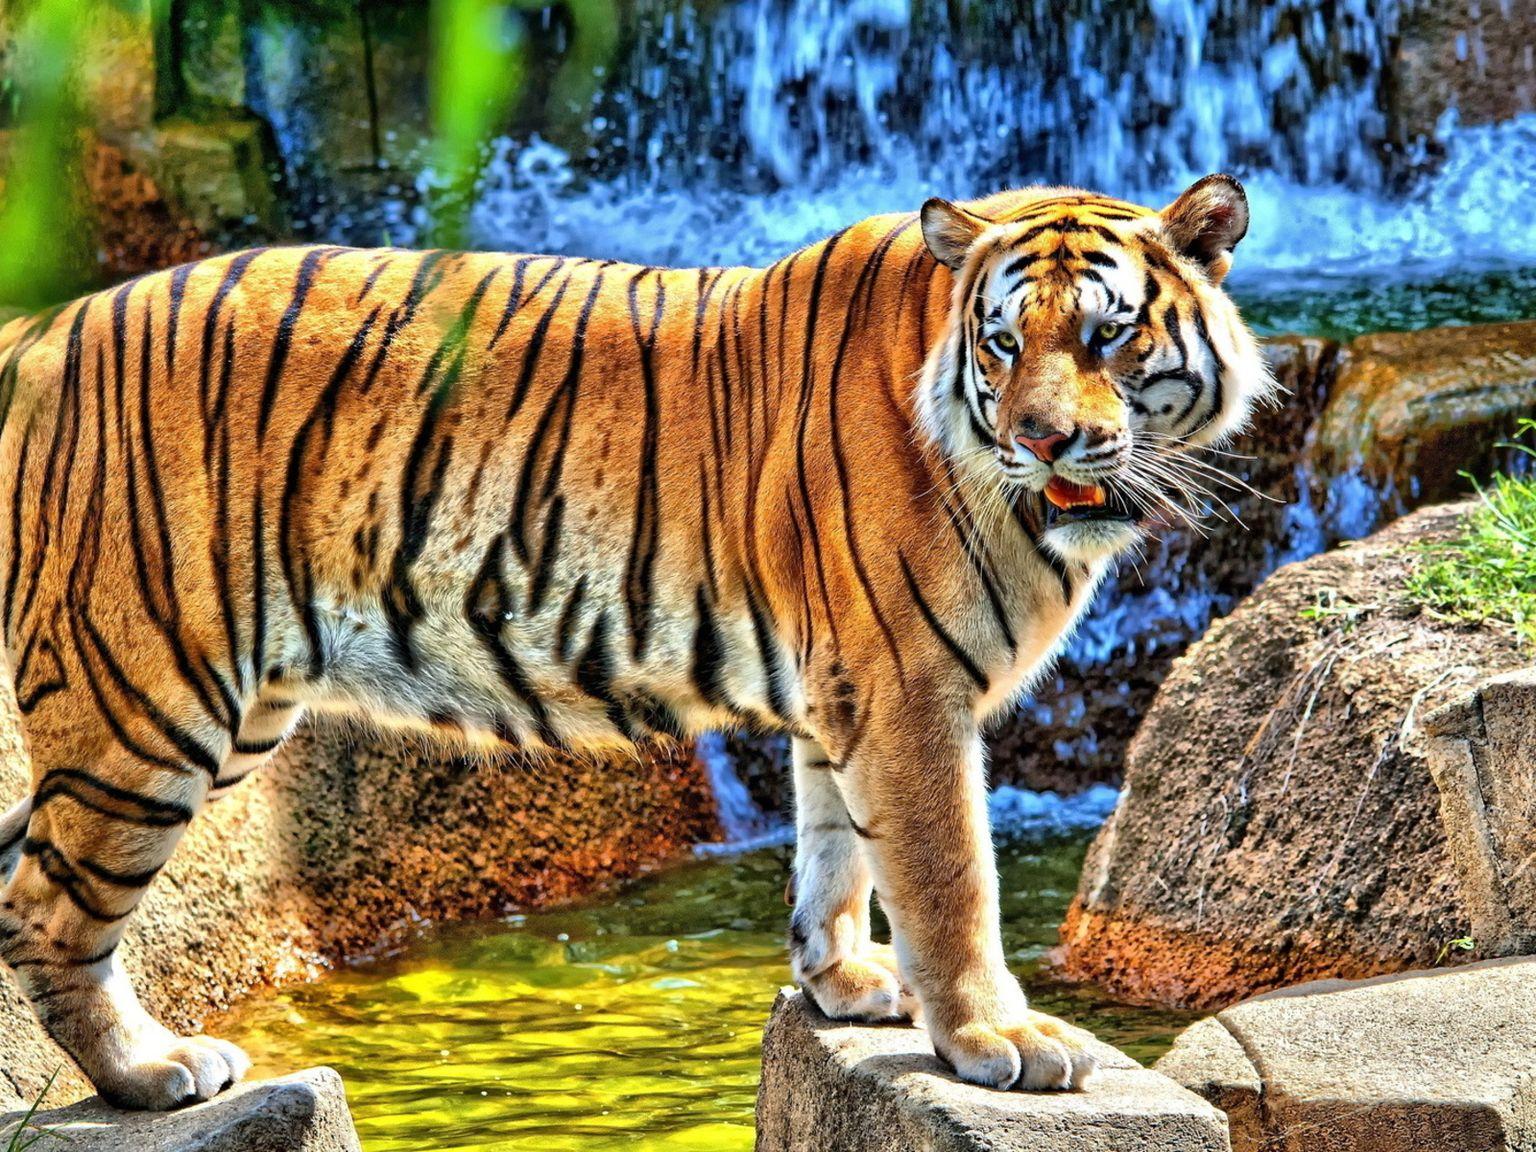 тигры картинки высокого качества разговор алисой